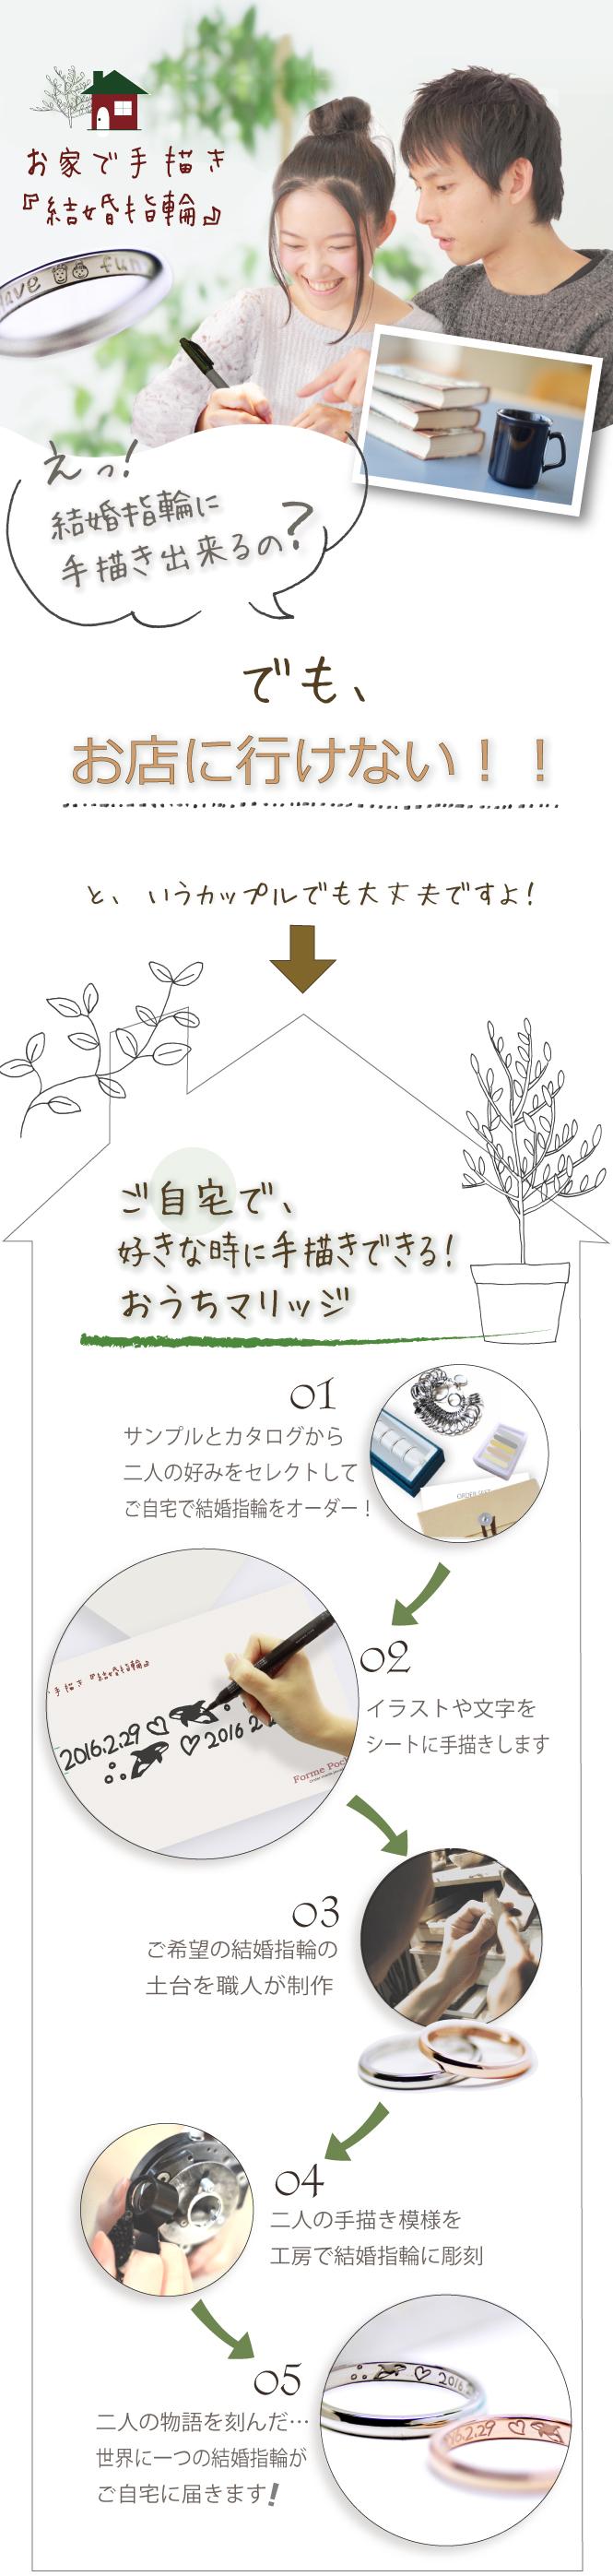 outitegaki-n01l